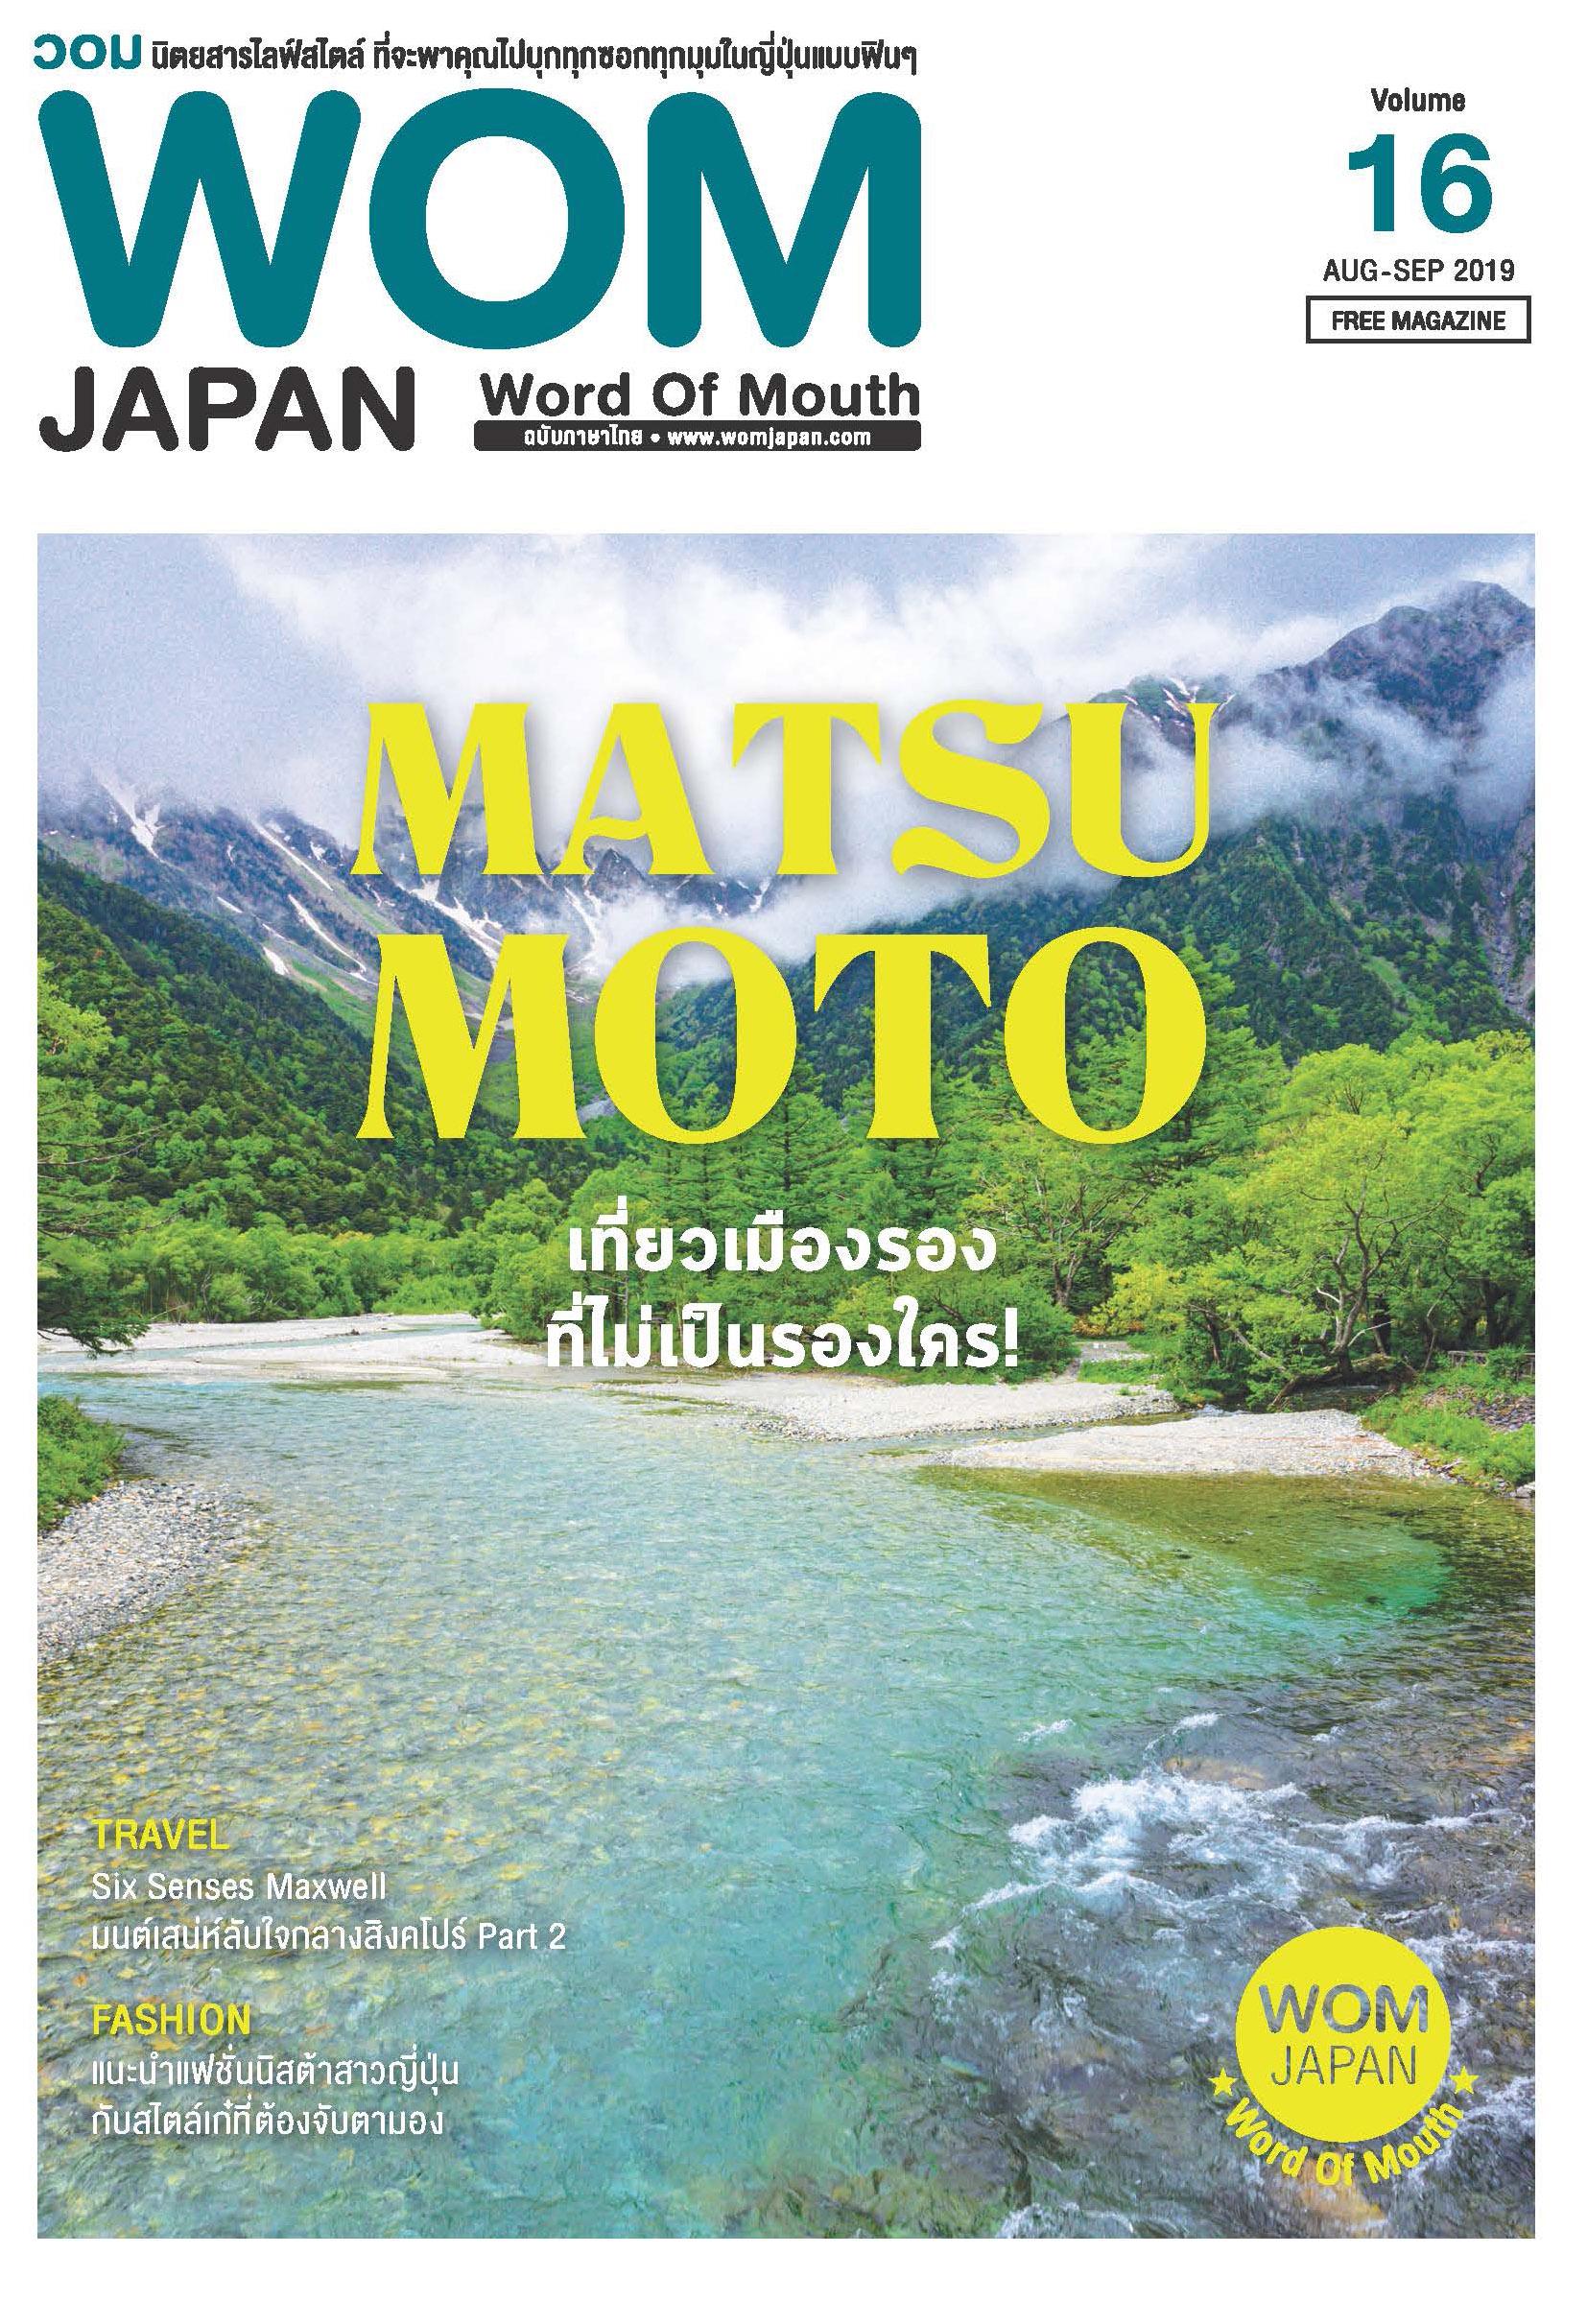 นิตยสารวอม ฉบับเดือนAUG-SEP ปี2019 VOL.16 Matsumoto เที่ยวเมืองรอง ที่ไม่เป็นรองใคร!